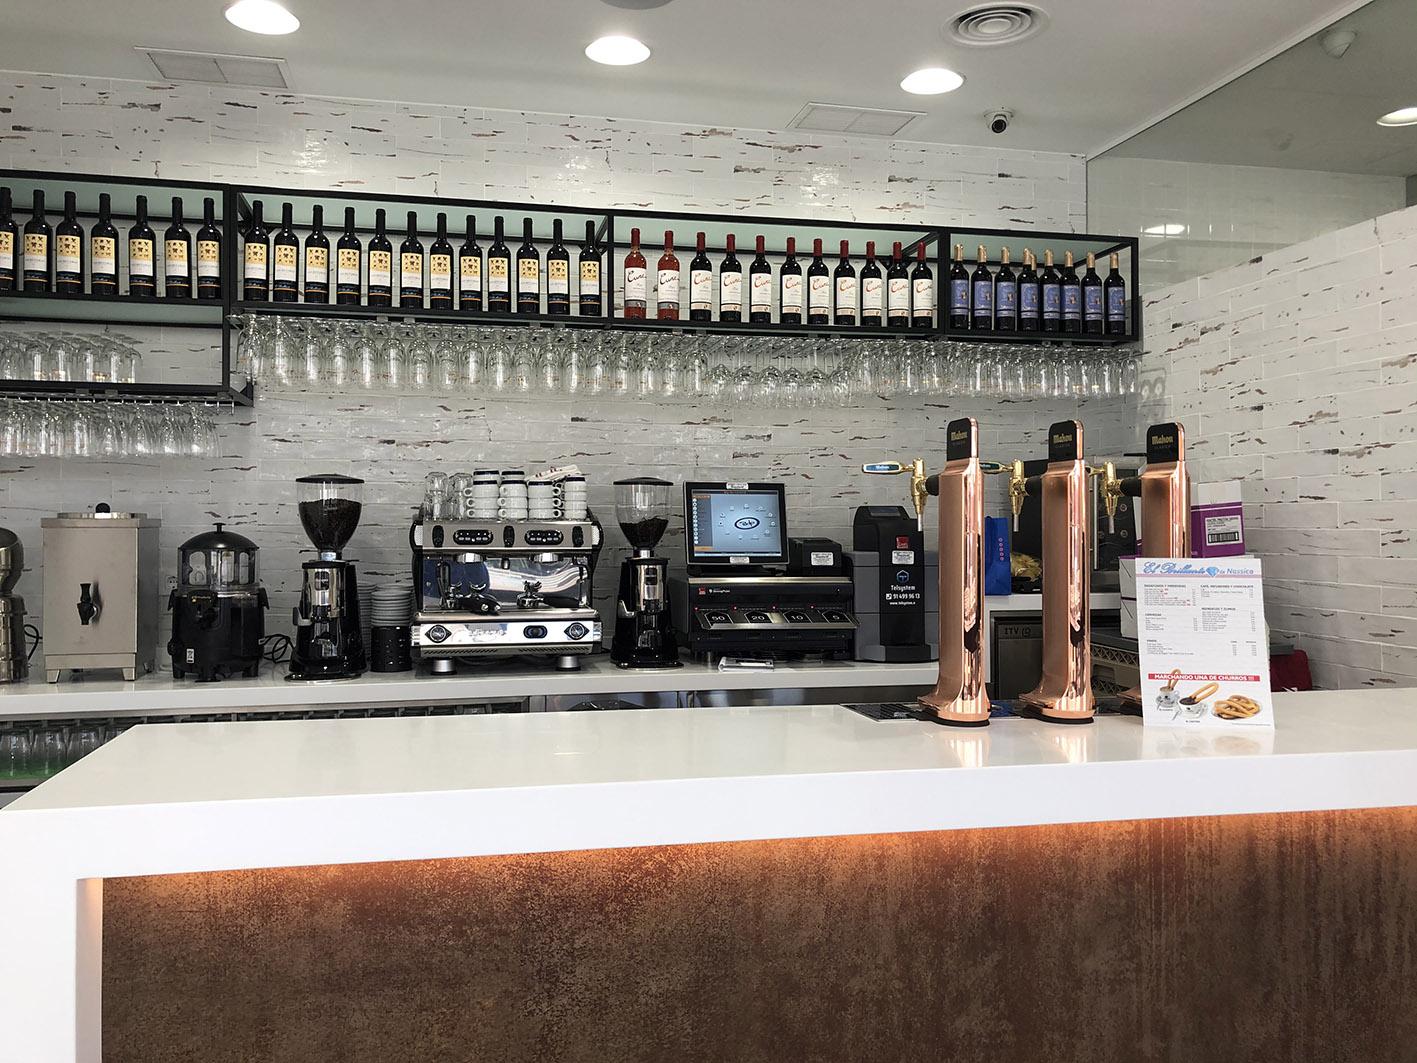 DISEÑO, FABRICACIÓN, INSTALACIÓN Y PUESTA EN MARCHA DEL NUEVO PROYECTO DEL RESTAURANTE EL BRILLANTE. SERVICIO PARA HOSTELERIA PROFESIONAL EN MADRID. Aceroinnova ha sido la empresa elegida para la puesta en marcha del nuevo restaurante El Brillante en el Centro Comercial Nassica en Getafe (Madrid). Aceroinnova ha diseñado y llevado a cabo el nuevo proyecto de esta reconocida empresa de Madrid y en la que hemos tenido la colaboración del empresa Repagas en la realización de diversa maquinaria de la cocina del bar restaurante. Aceroinnova, realiza y coordina cualquier proyecto de hosteleria horeca restauración, ya sea para restaurantes, bares, pubs, discotecas, hoteles, etc… y sea cual sea el volumen del proyecto. Ya sea a nivel de cualquier tipo de mobiliario, maquinaria, bufés bufets, comedores, zonas accesorias, maquinaria y zonas de frío, todo adaptado e instalado según sus necesidades para conseguir el éxito de nuestros clientes.